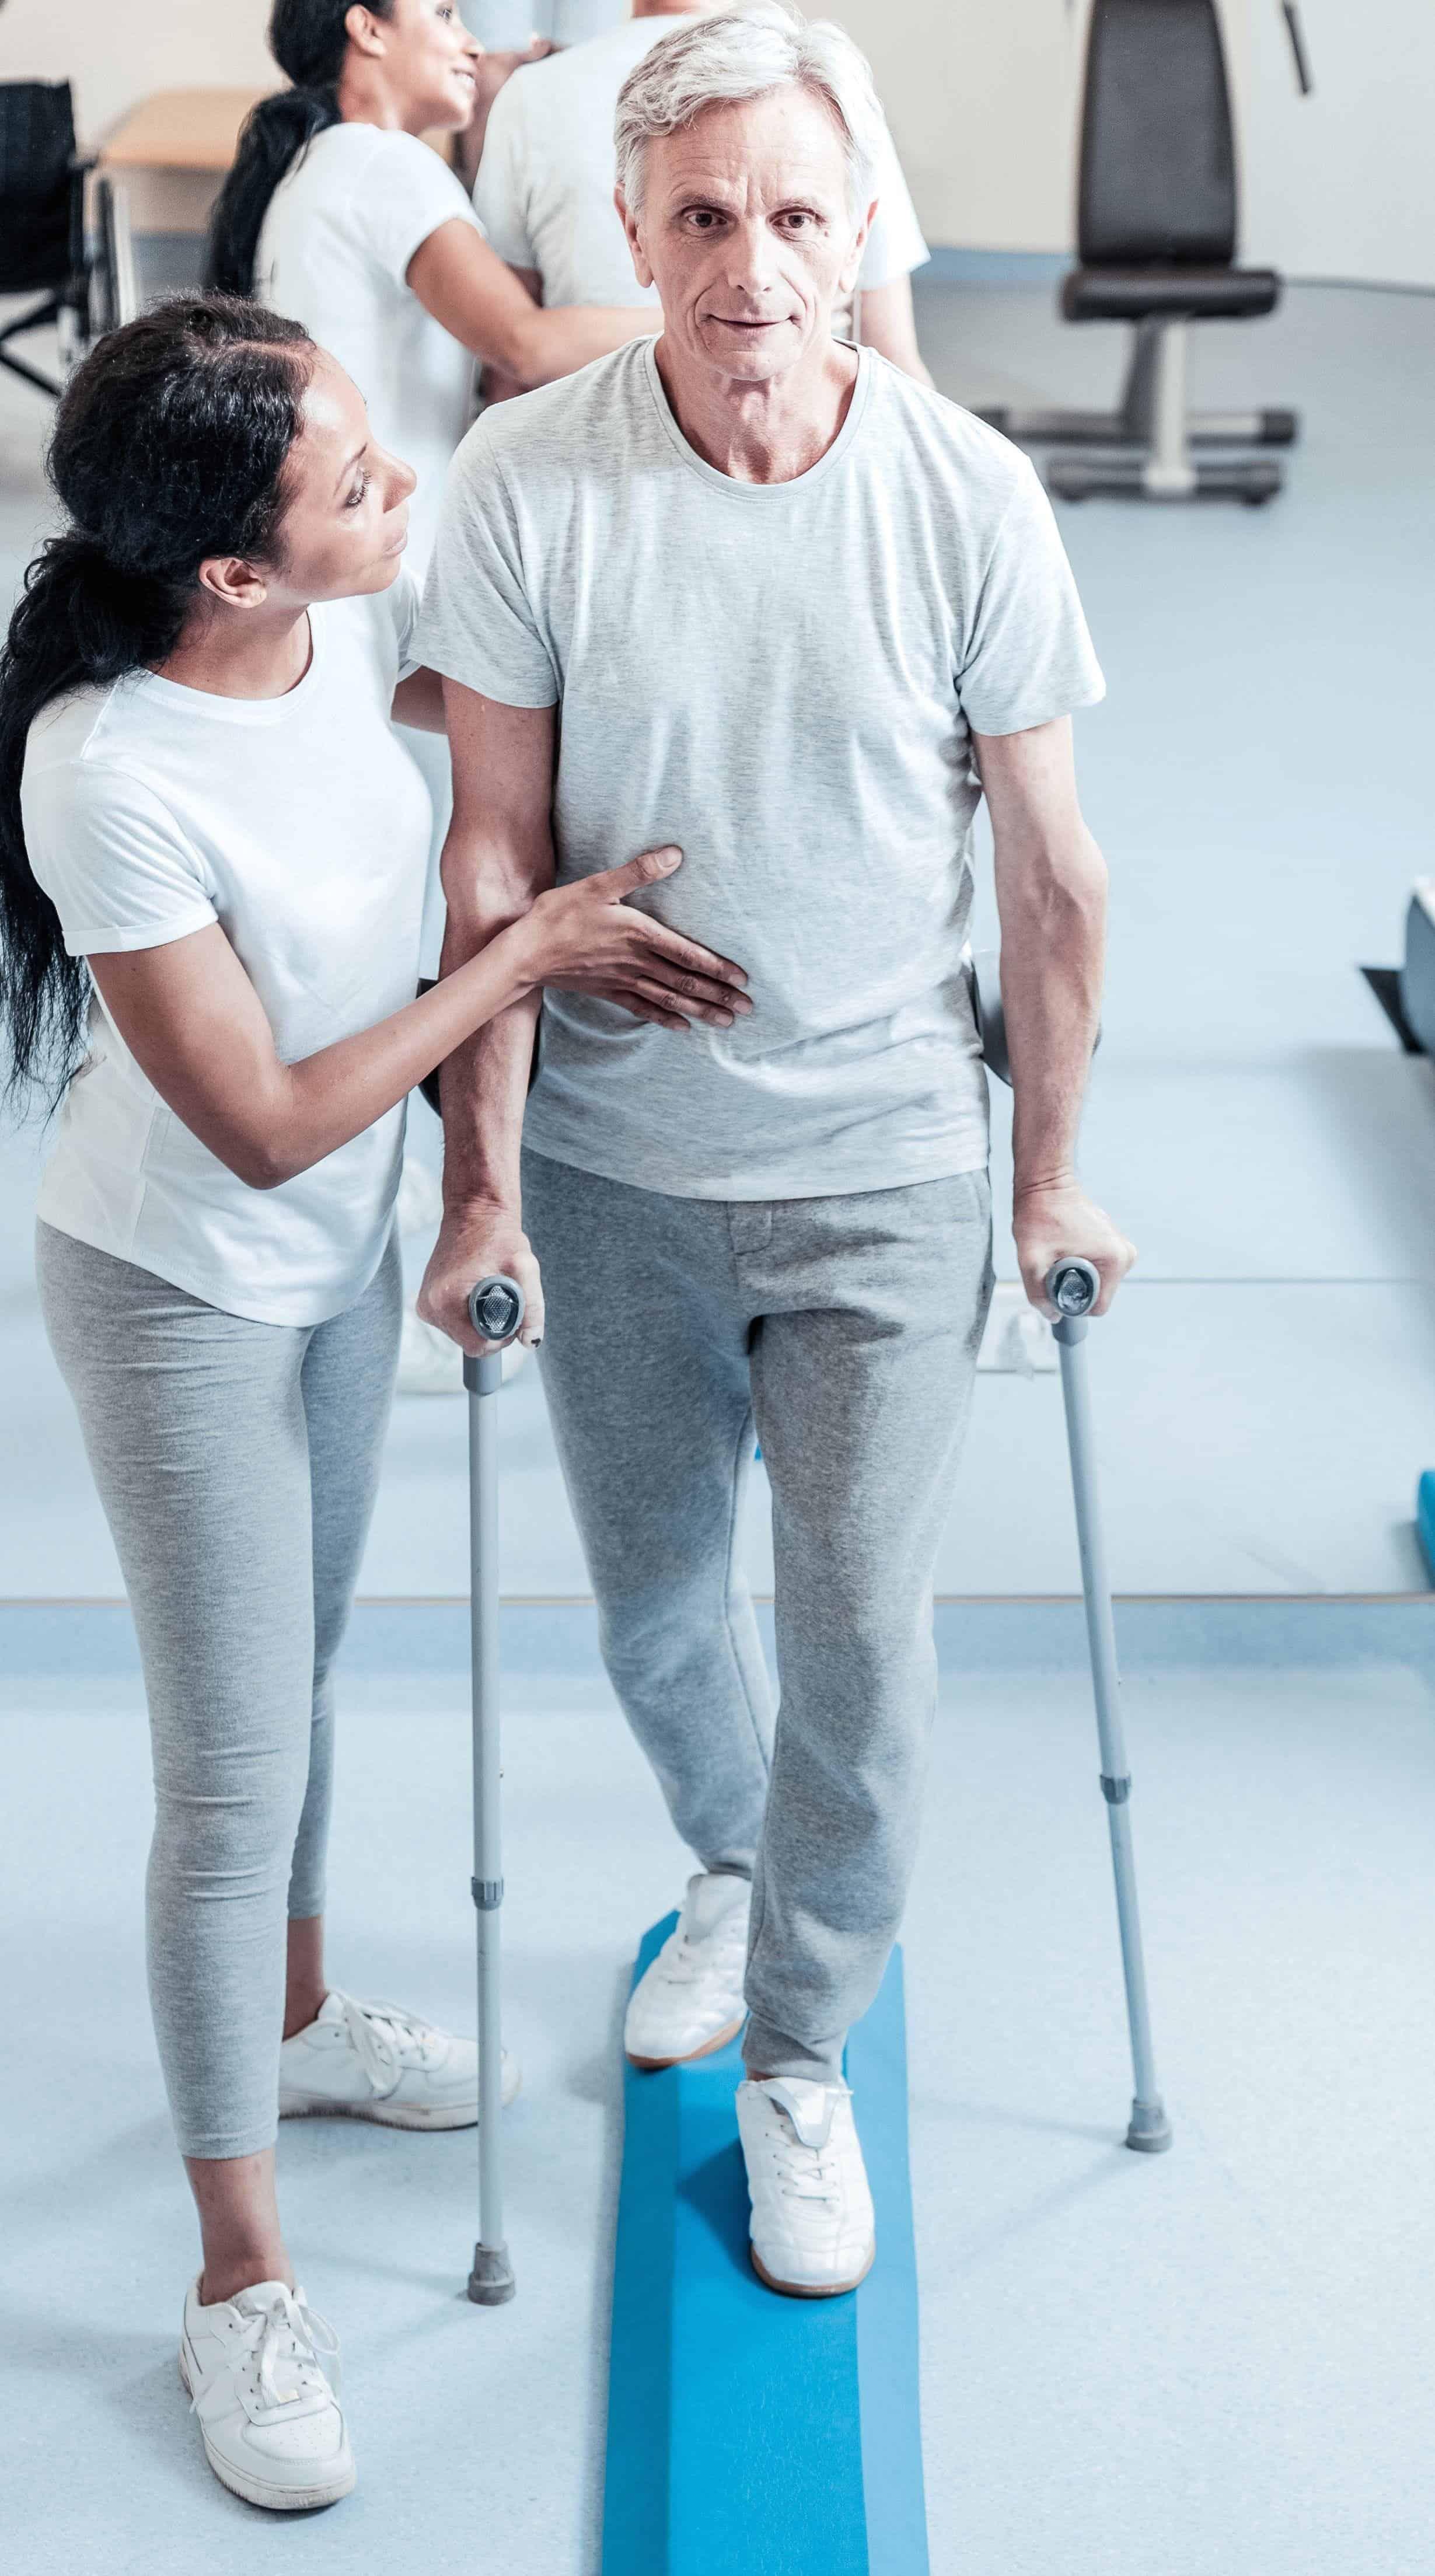 emiplegia emiparefi fisioterapia riabilitazione domicilio camminare bassano rosa marostica pove borso